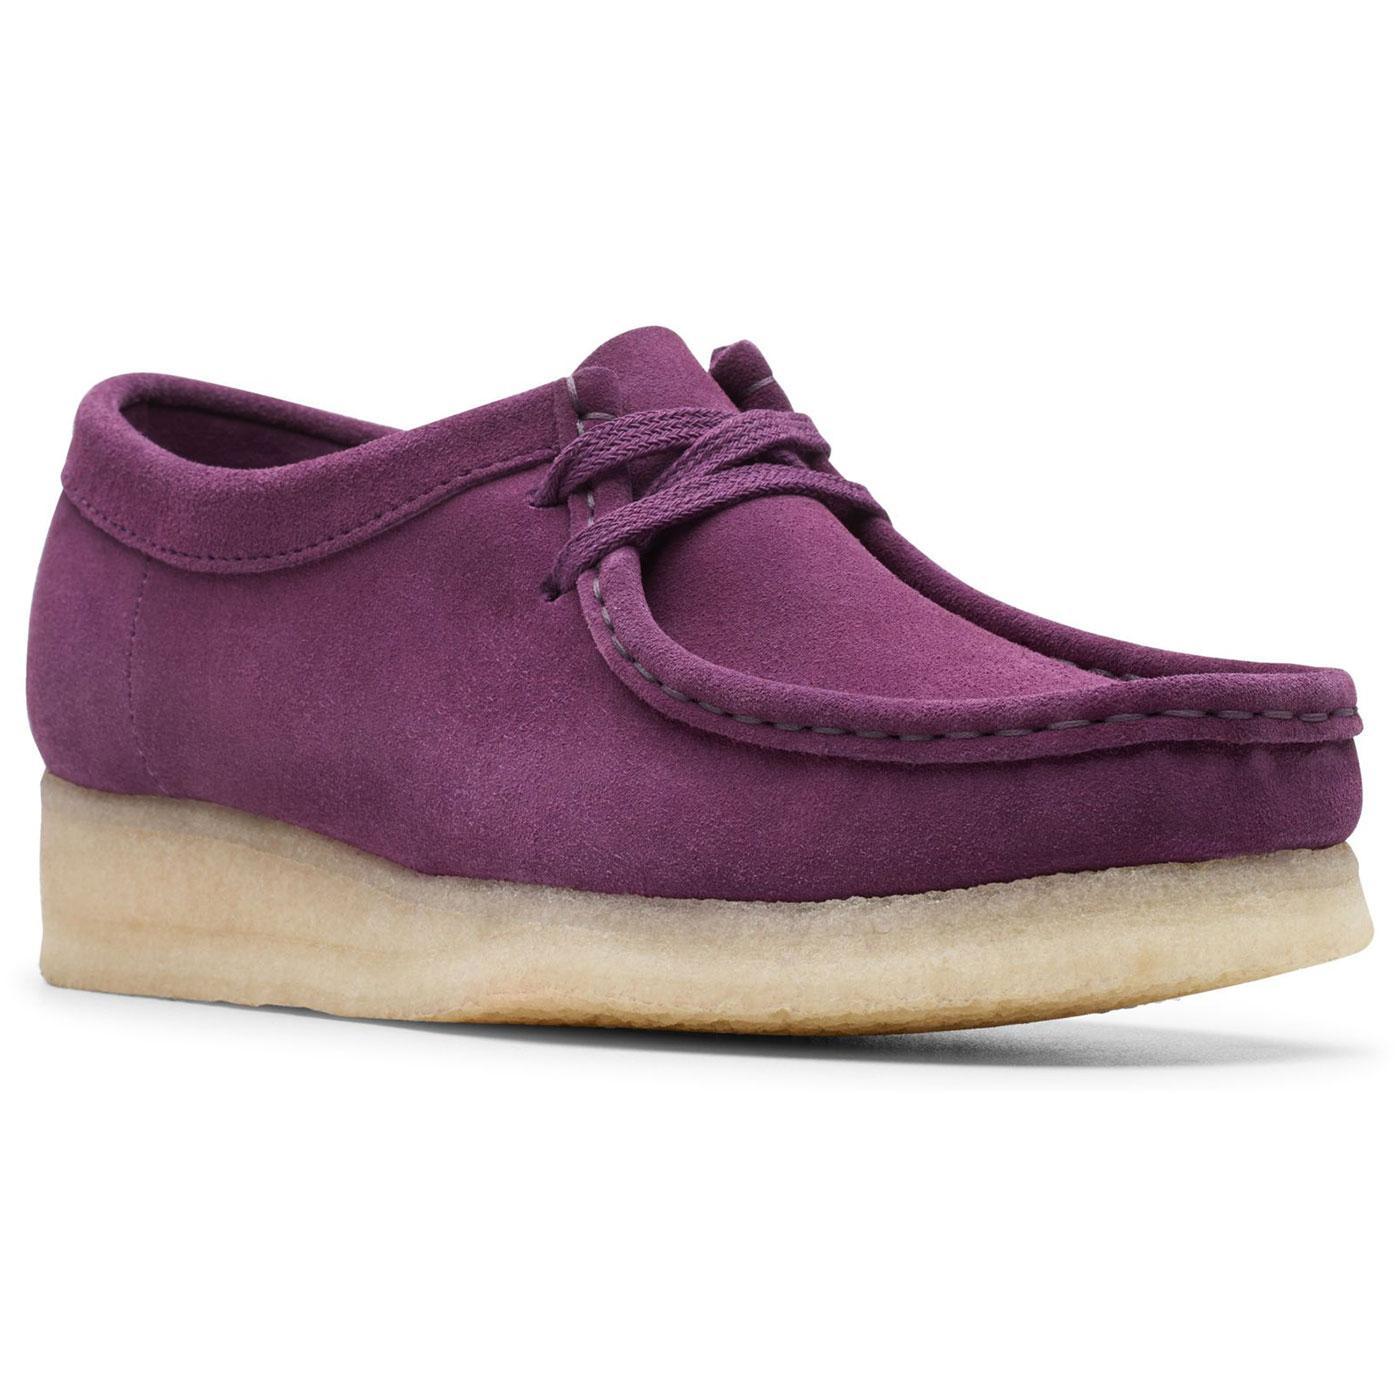 Wallabee Women's CLARKS ORIGINALS Suede Shoes DP